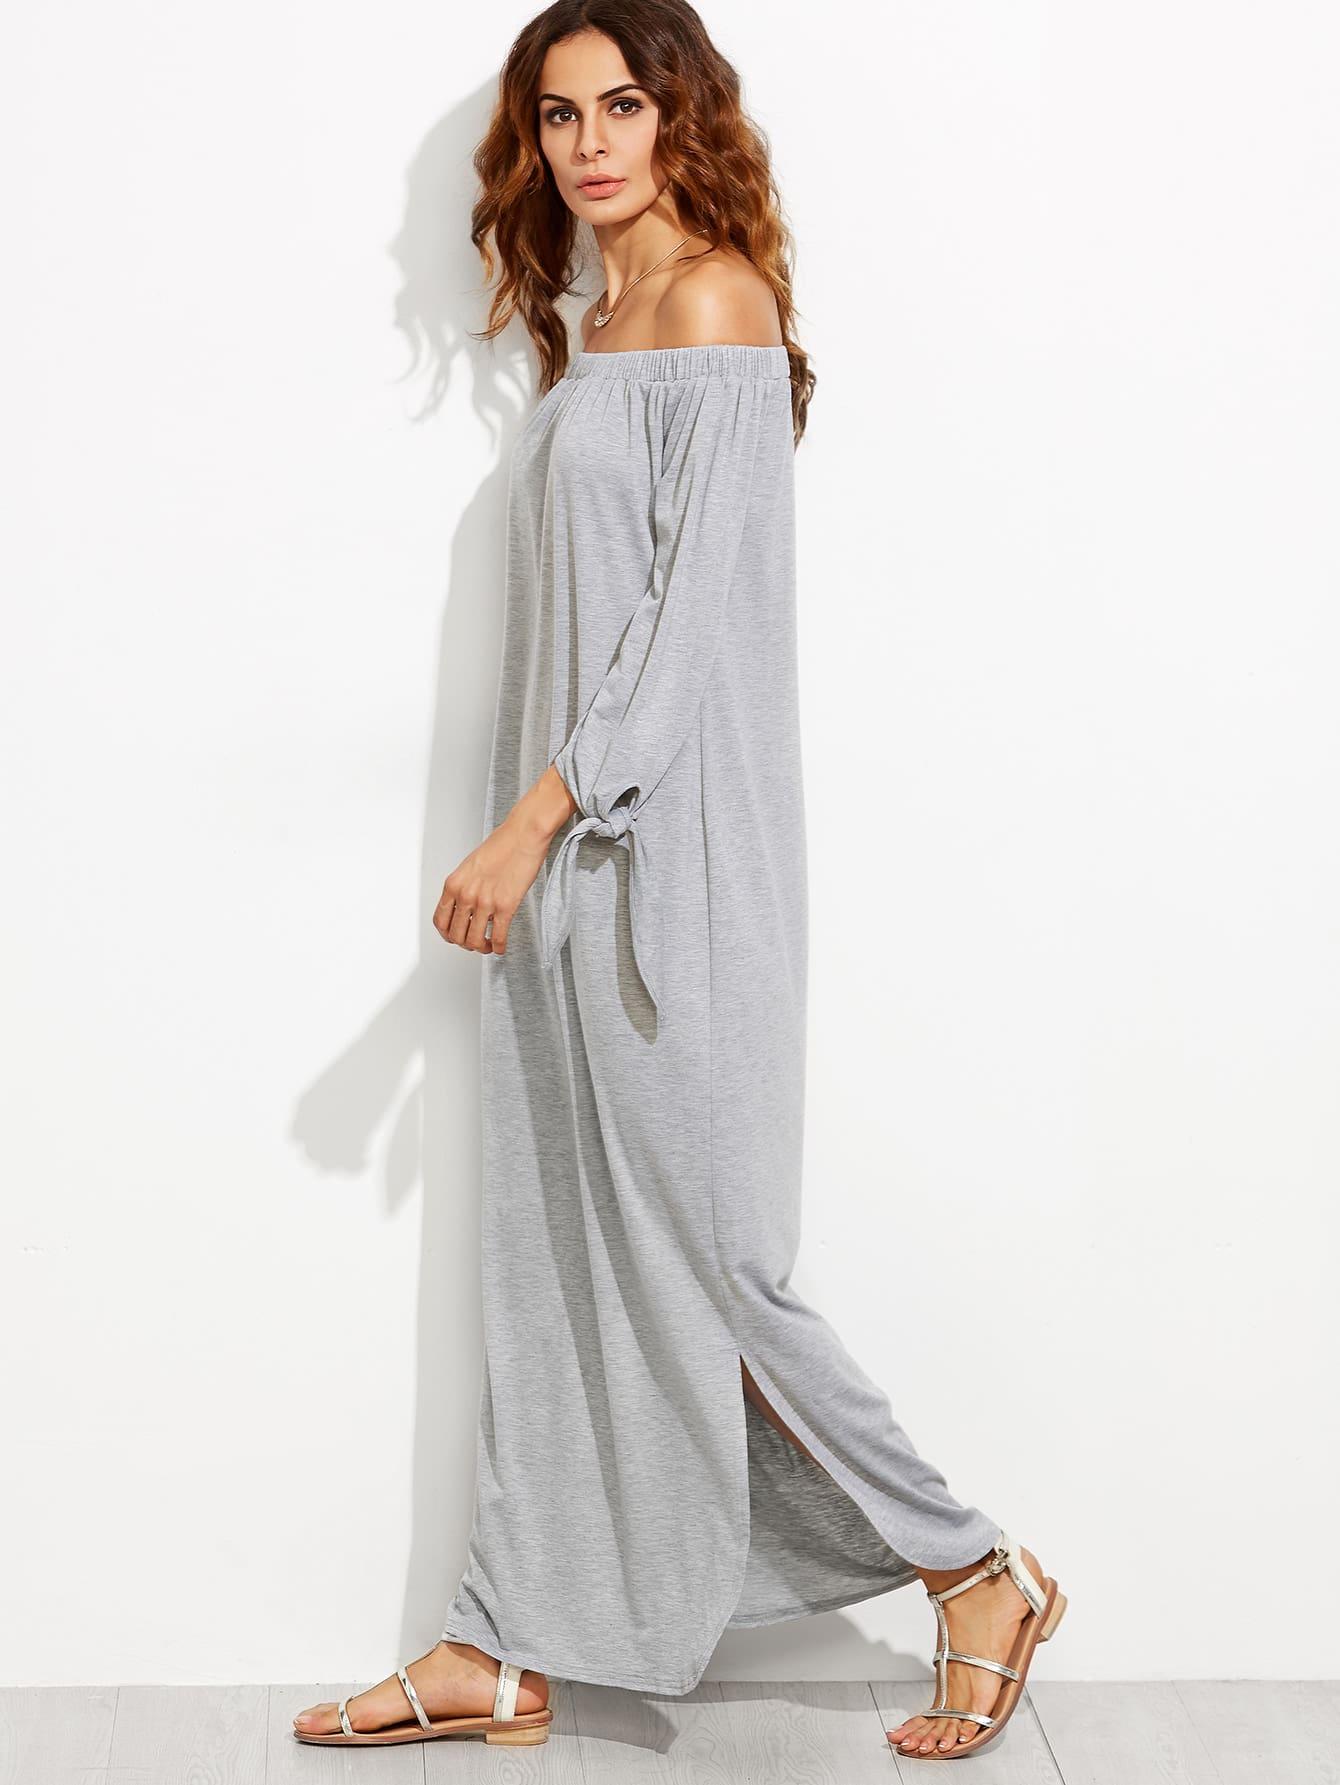 dress160818705_2